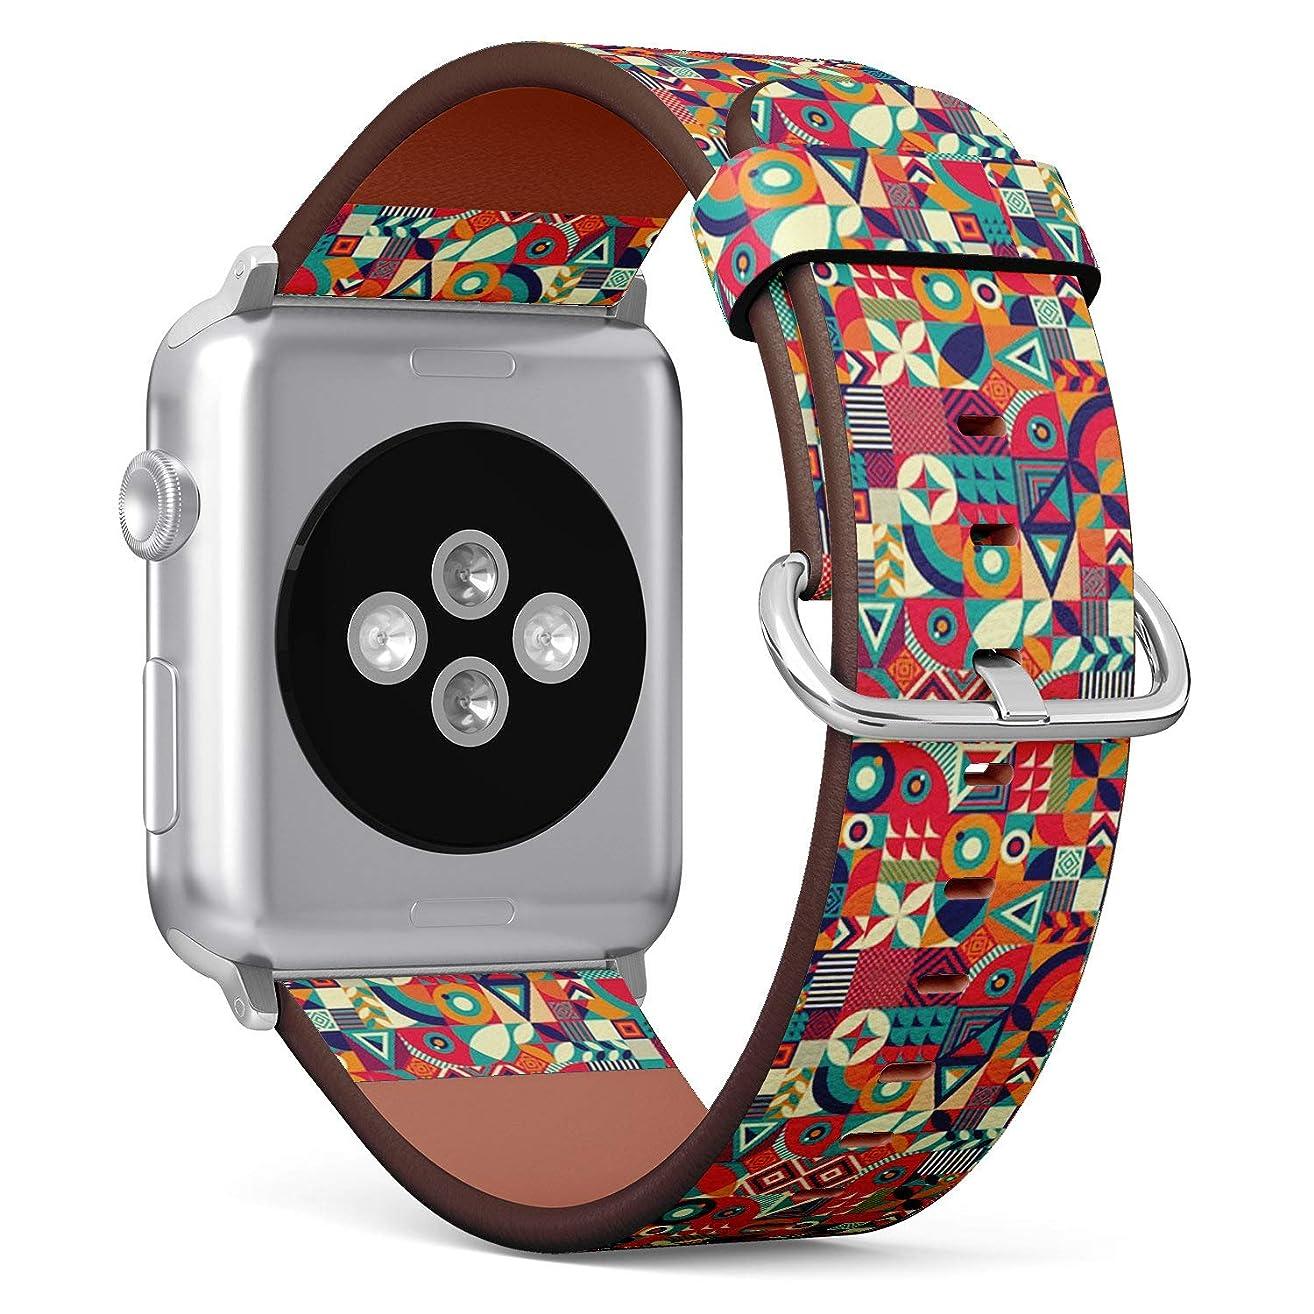 に対処するカセット卵[ コンパチブル Apple Watch 38mm/40mmバンド ] レザーストラップ, iWatch Series 4/3/2/1、向けのバンド交換ストラップです コンパチブル アップルウォッチ バンド[ カラフルなポップ ]